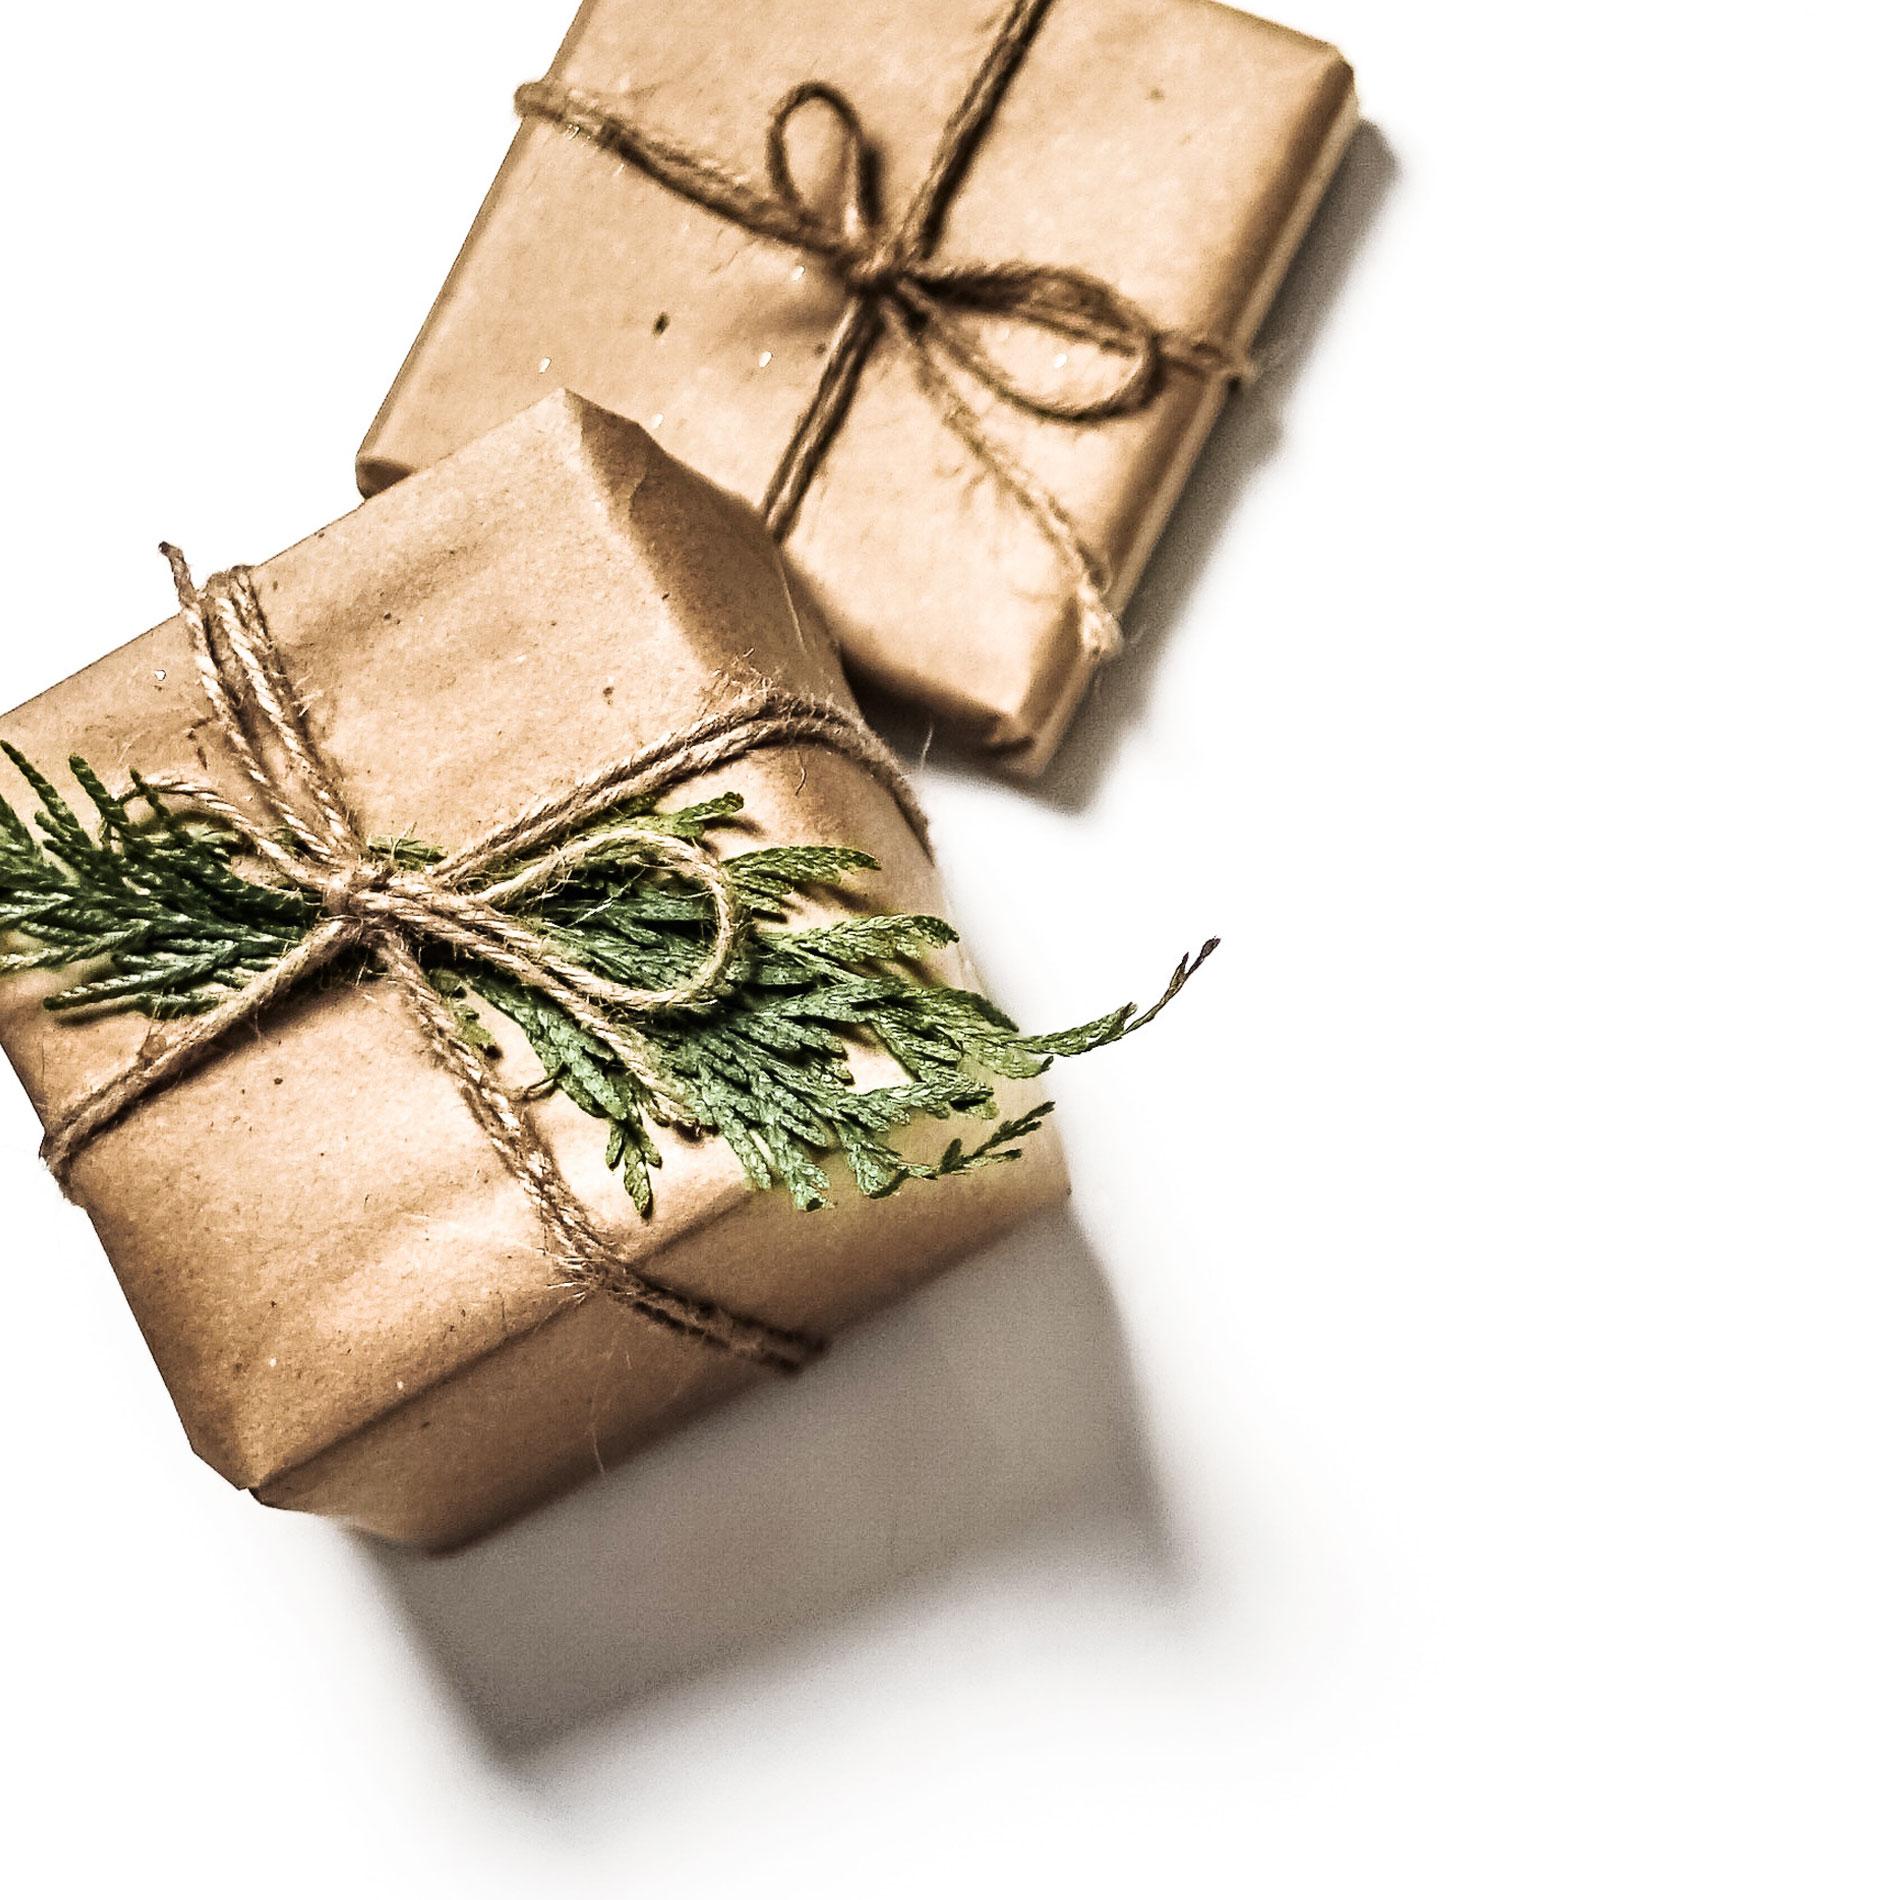 Geschenke mit Monogramm, Geschenkideen mit Monogramm, Geschenke zu Weihnachten, Inspiration für Weihnachtsgeschenke, Ideen für Weihnachtsgeschenke, Gift Guide zu Weihnachten, Geschenke mit Monogramm, personalisierte Geschenke